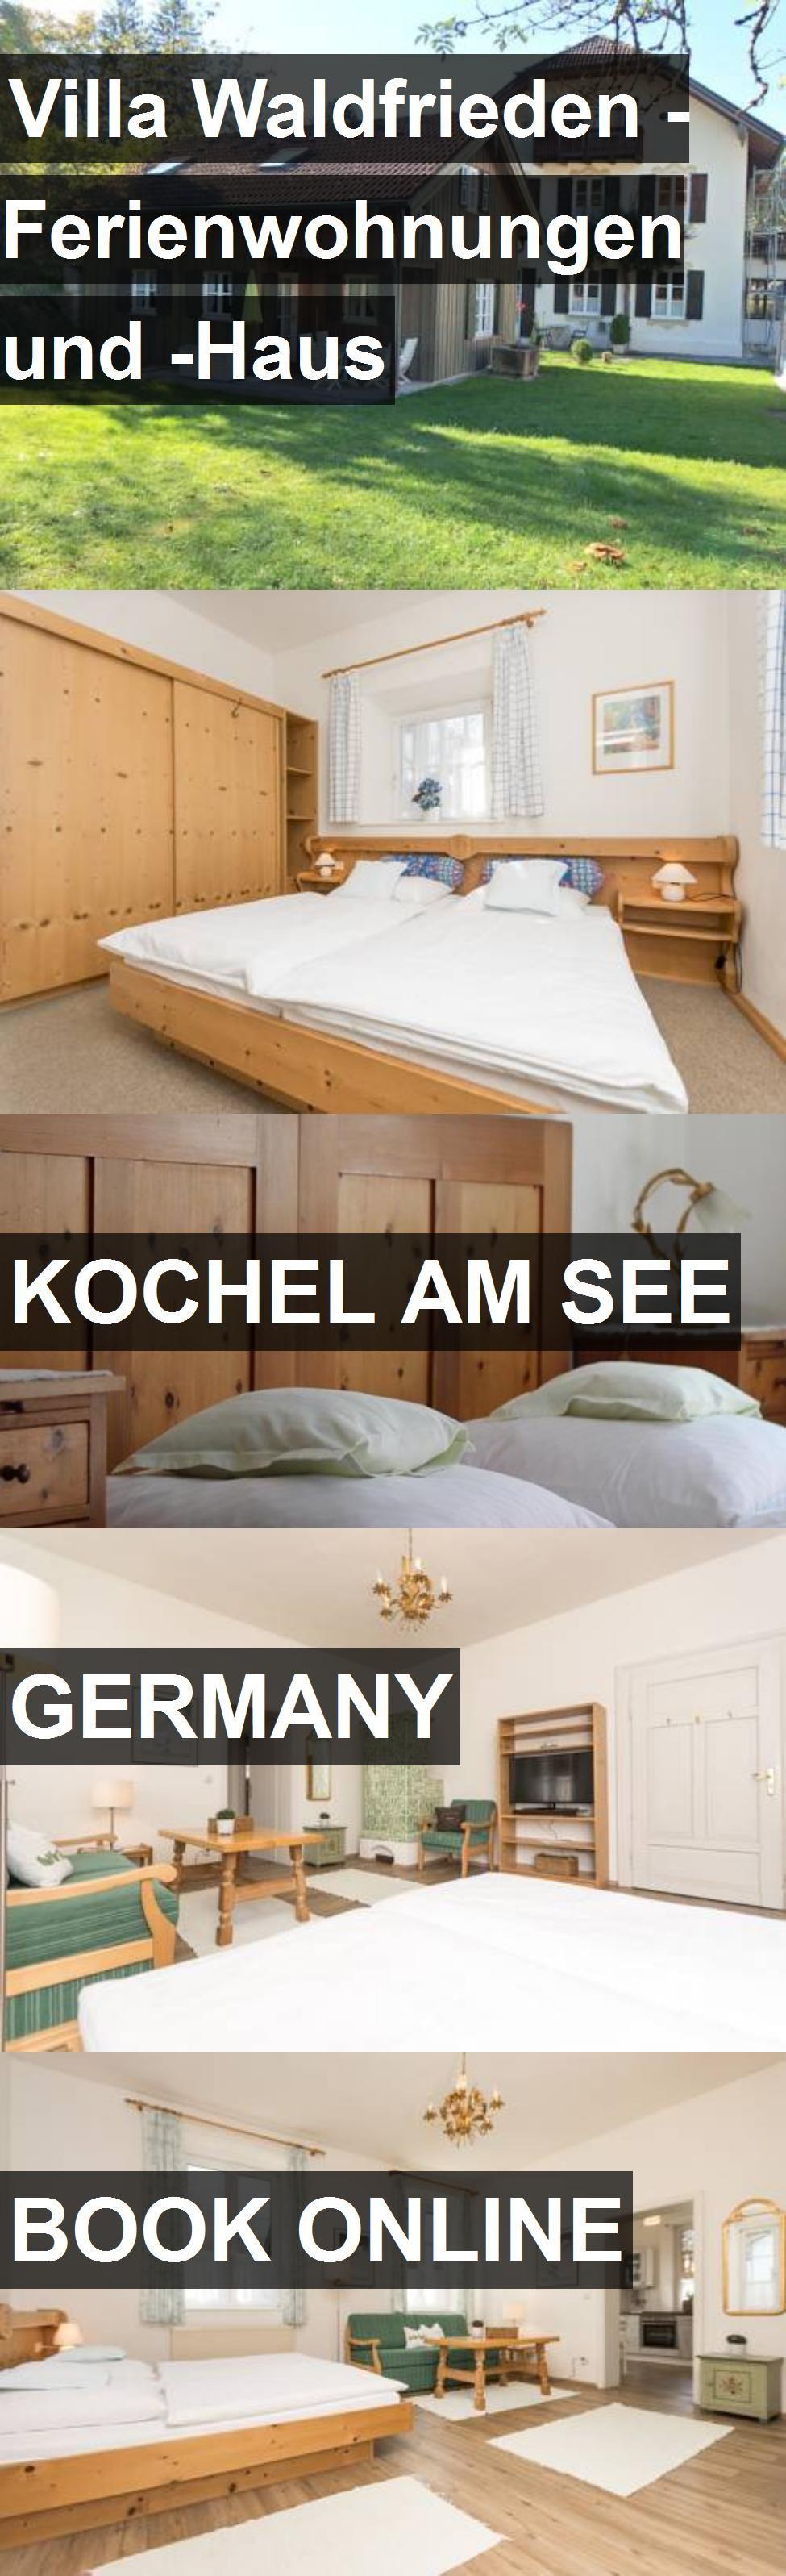 Hotel Villa Waldfrieden Ferienwohnungen und Haus in